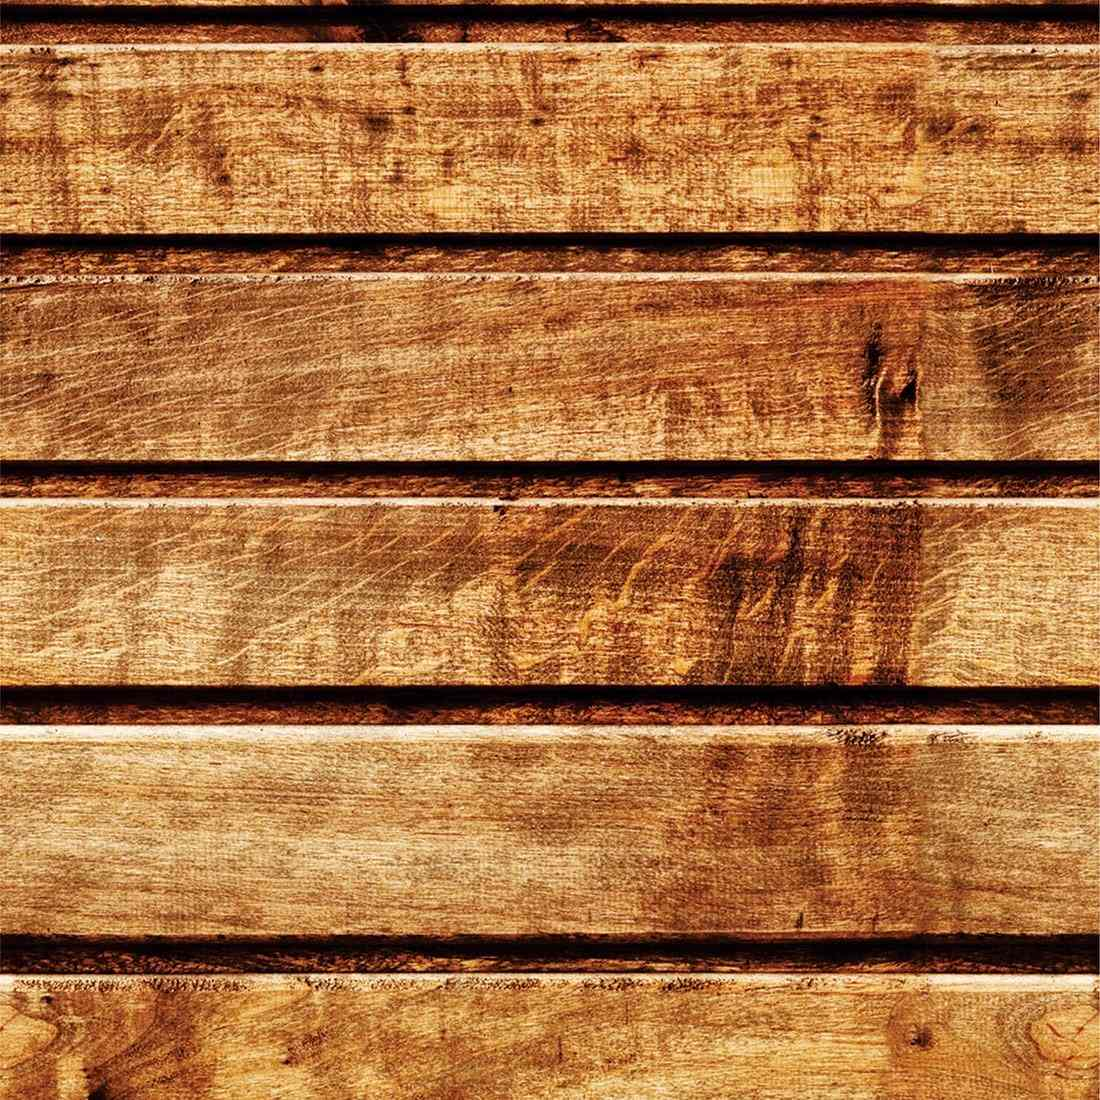 Papel De Parede Madeira De Demolição Para Decoração #B27219 1100x1100